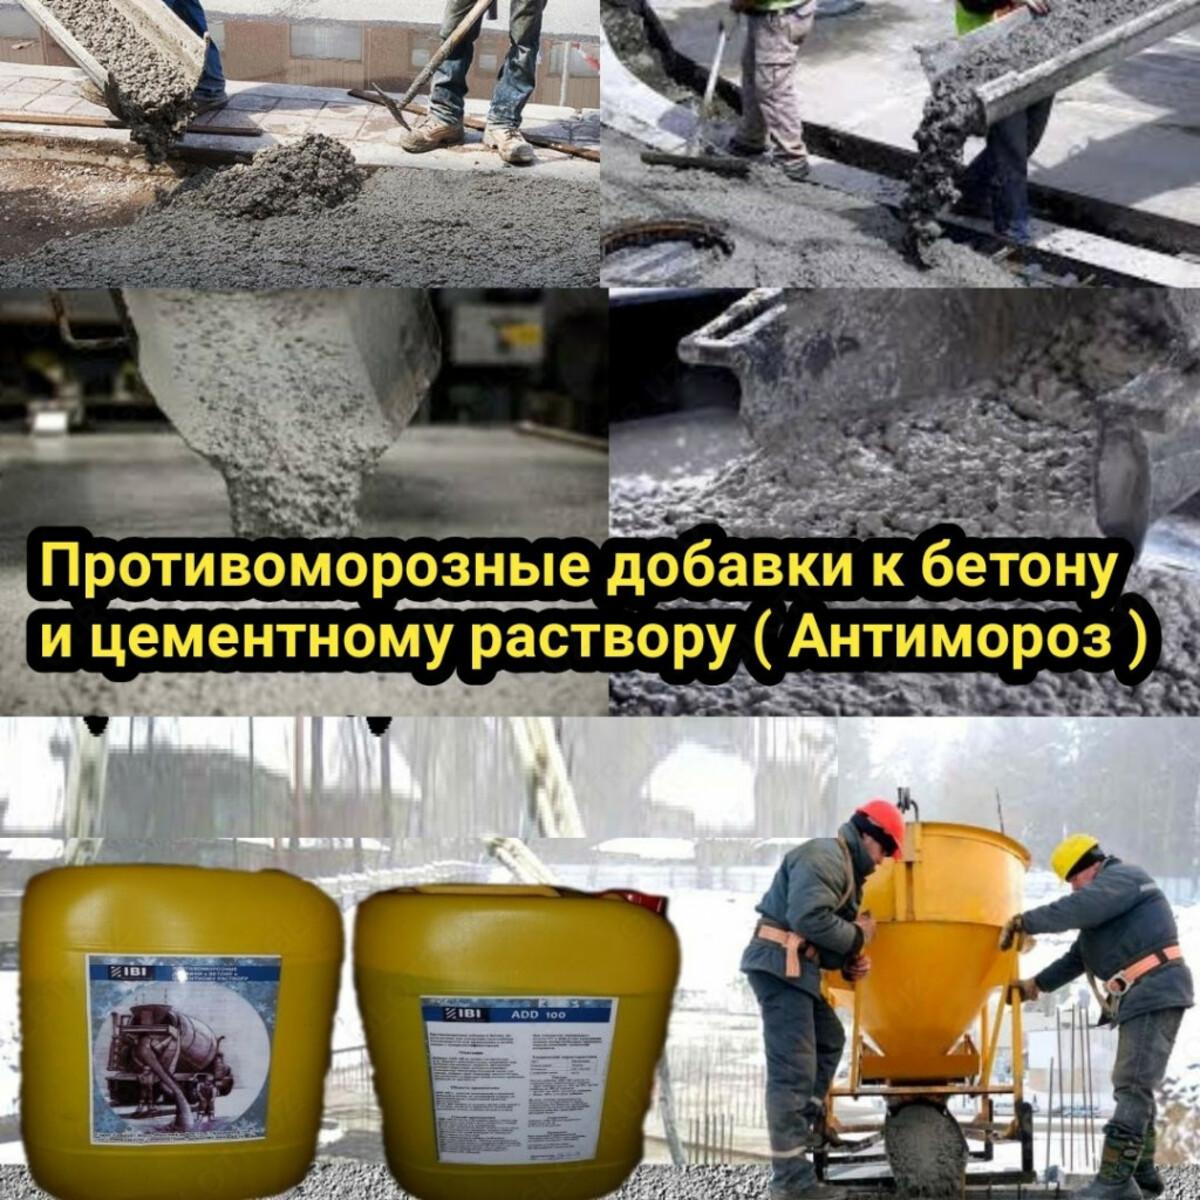 Бетон противоморозный бетон трейд москва